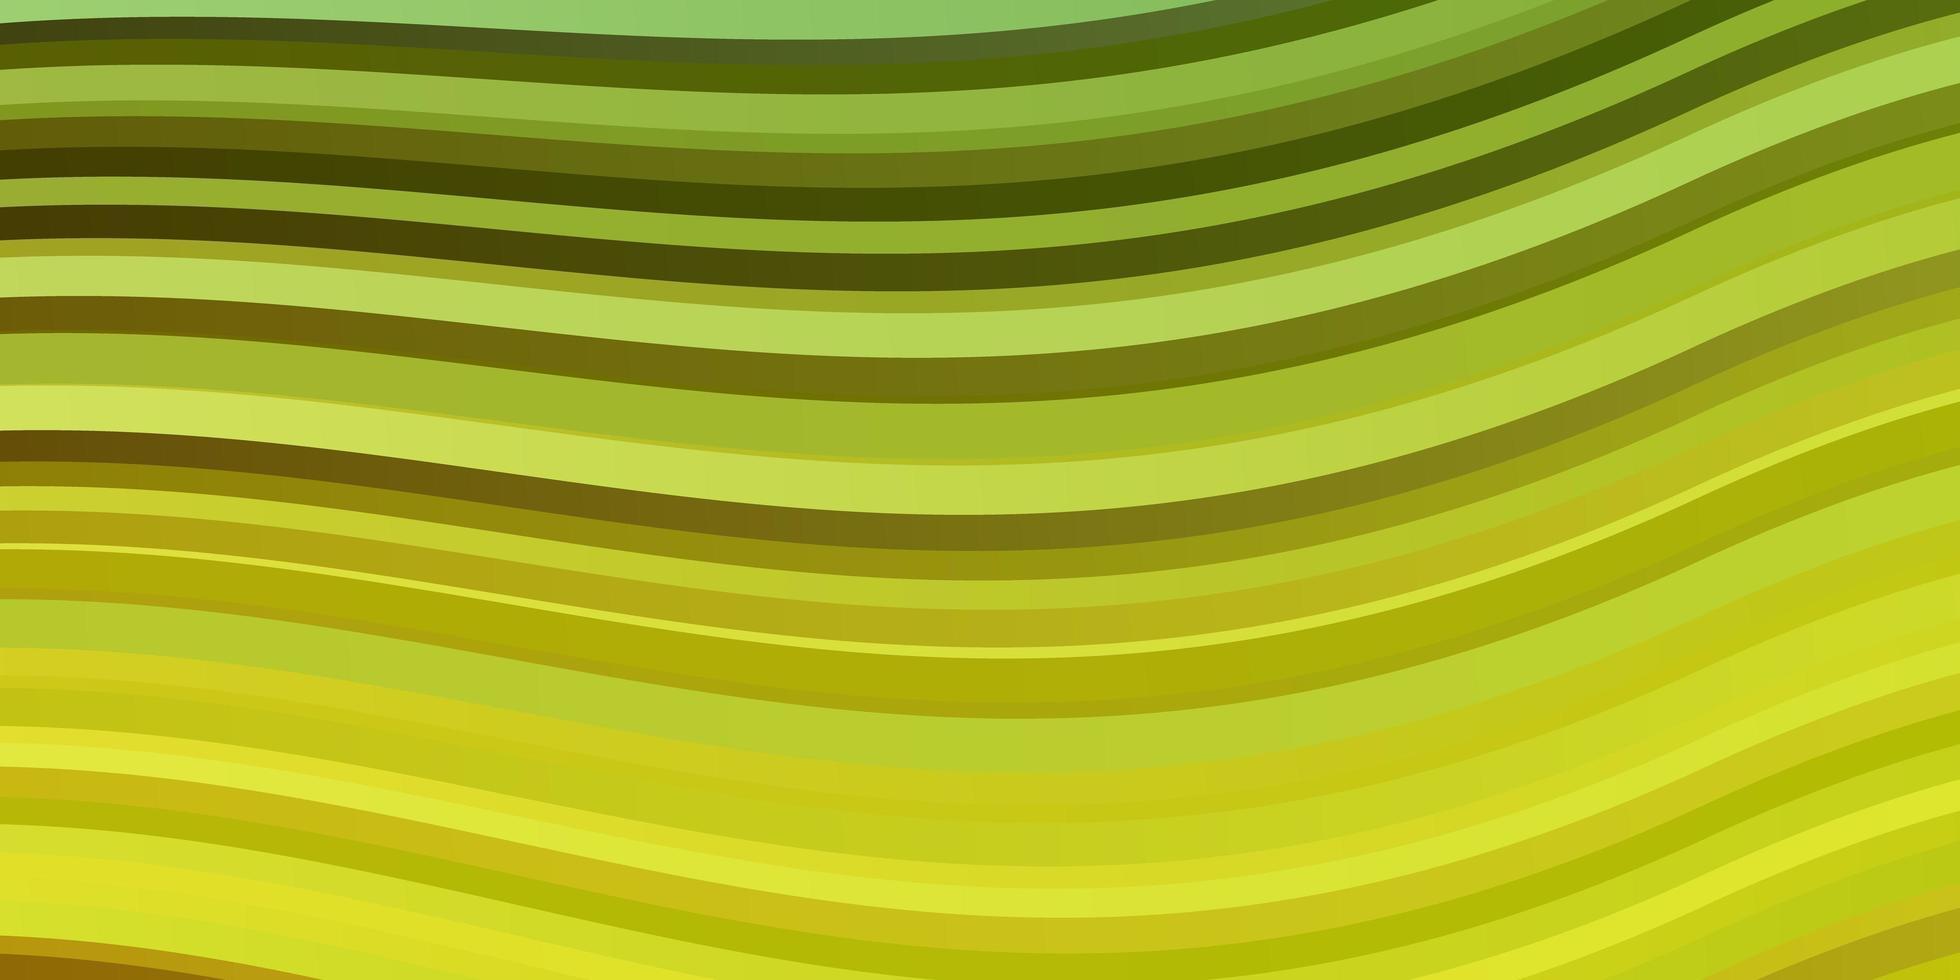 groene sjabloon met lijnen. vector